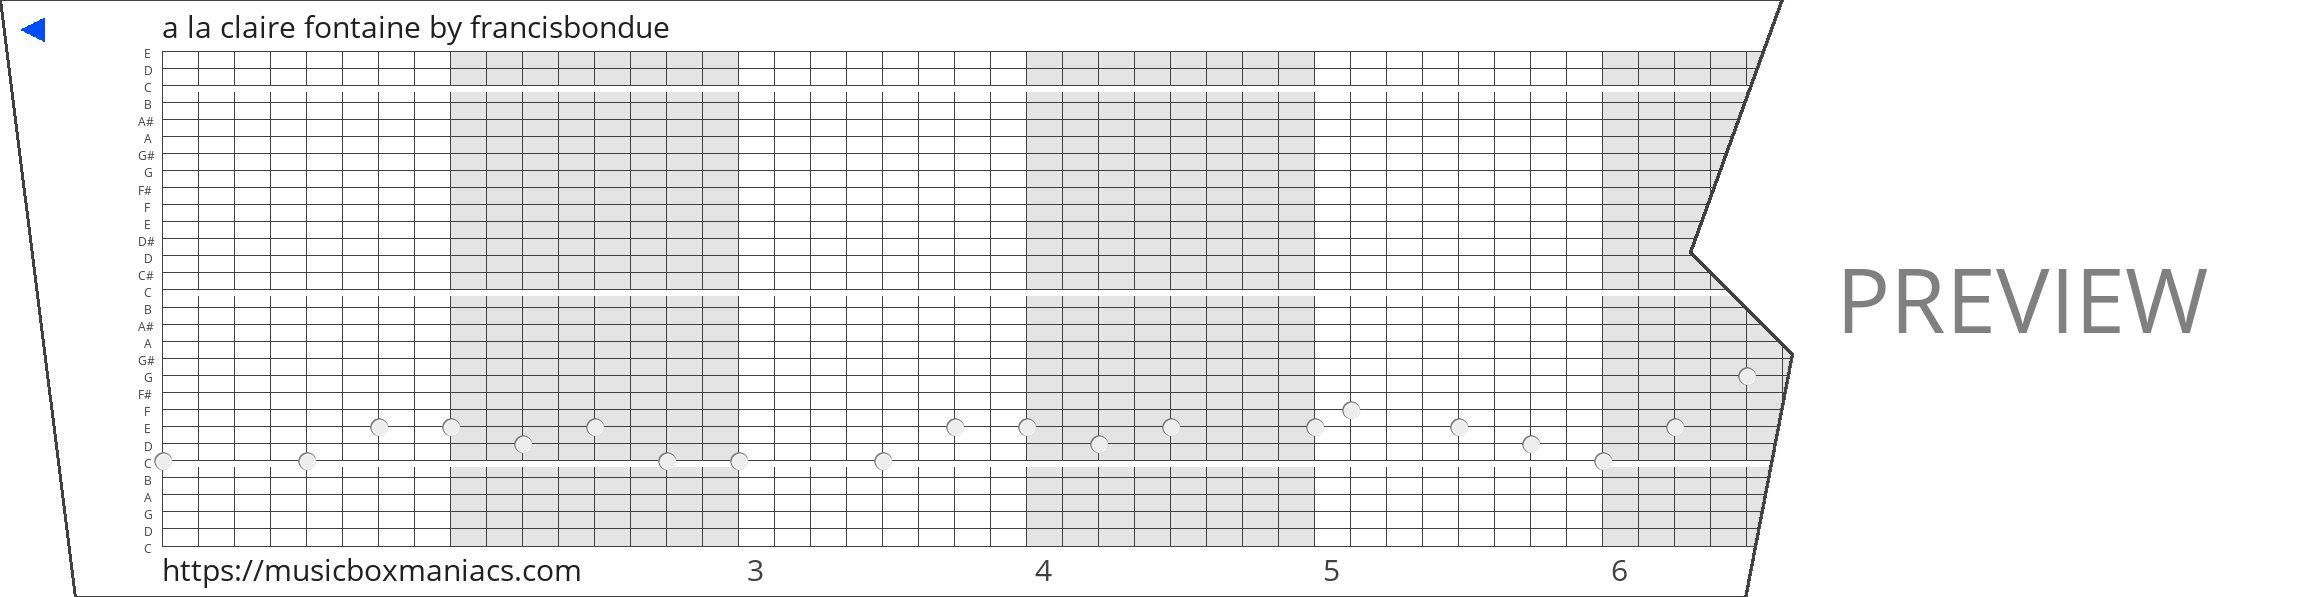 a la claire fontaine 30 note music box paper strip